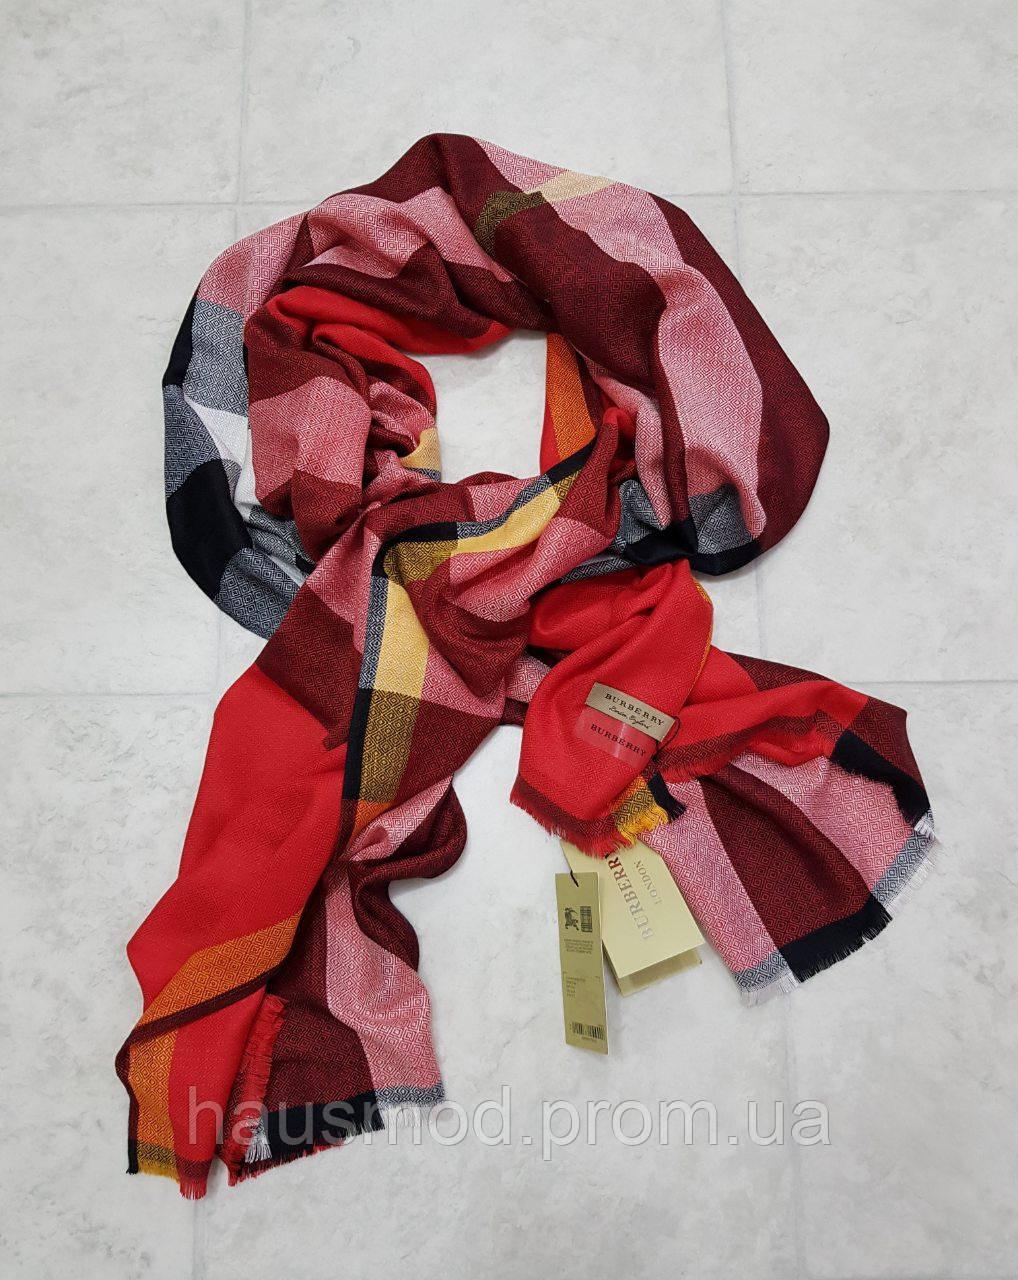 Женский палантин брендовый реплика Burberry 100% кашемир размер 190×80 см цвет красный